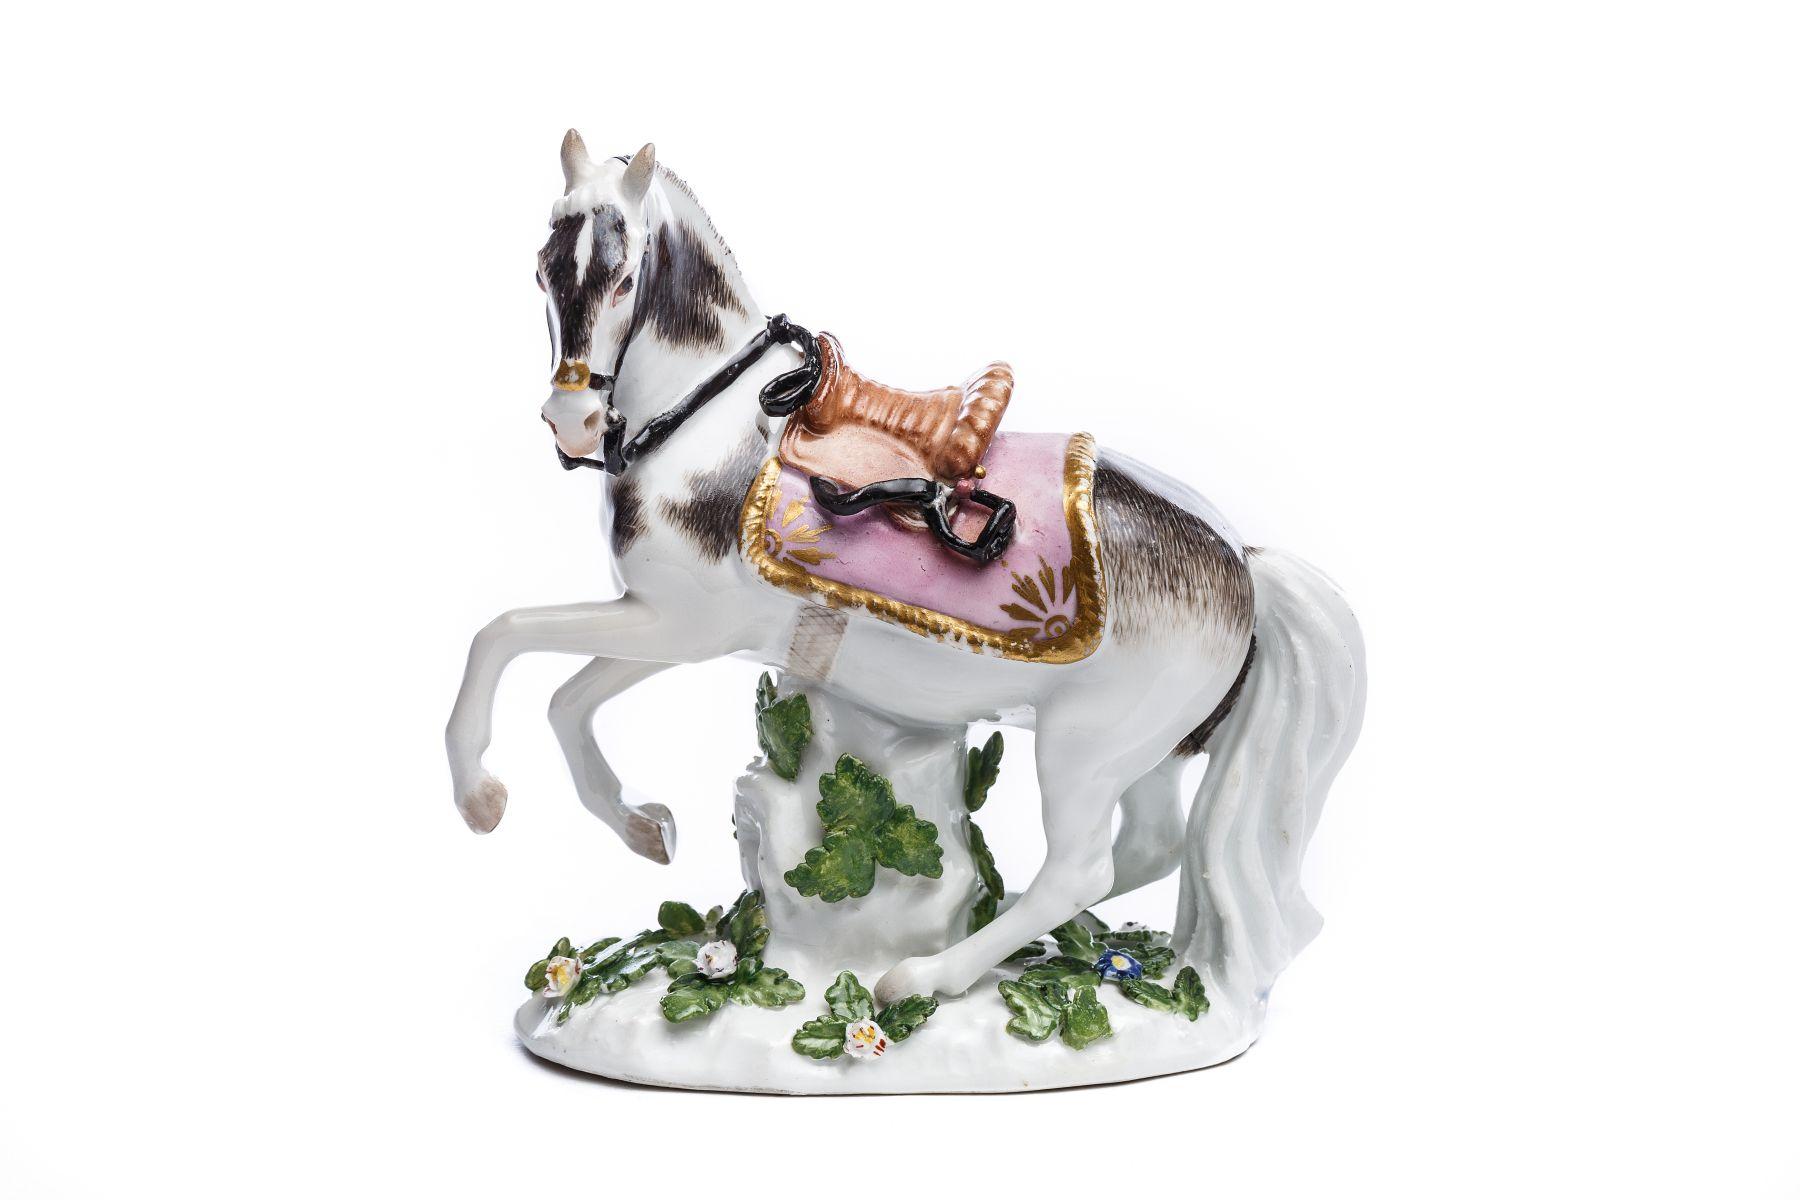 #26 Saddled horse with brown saddle, Meissen 172 | Gesatteltes Pferd mit braunem Sattel, Meissen 1720 Image